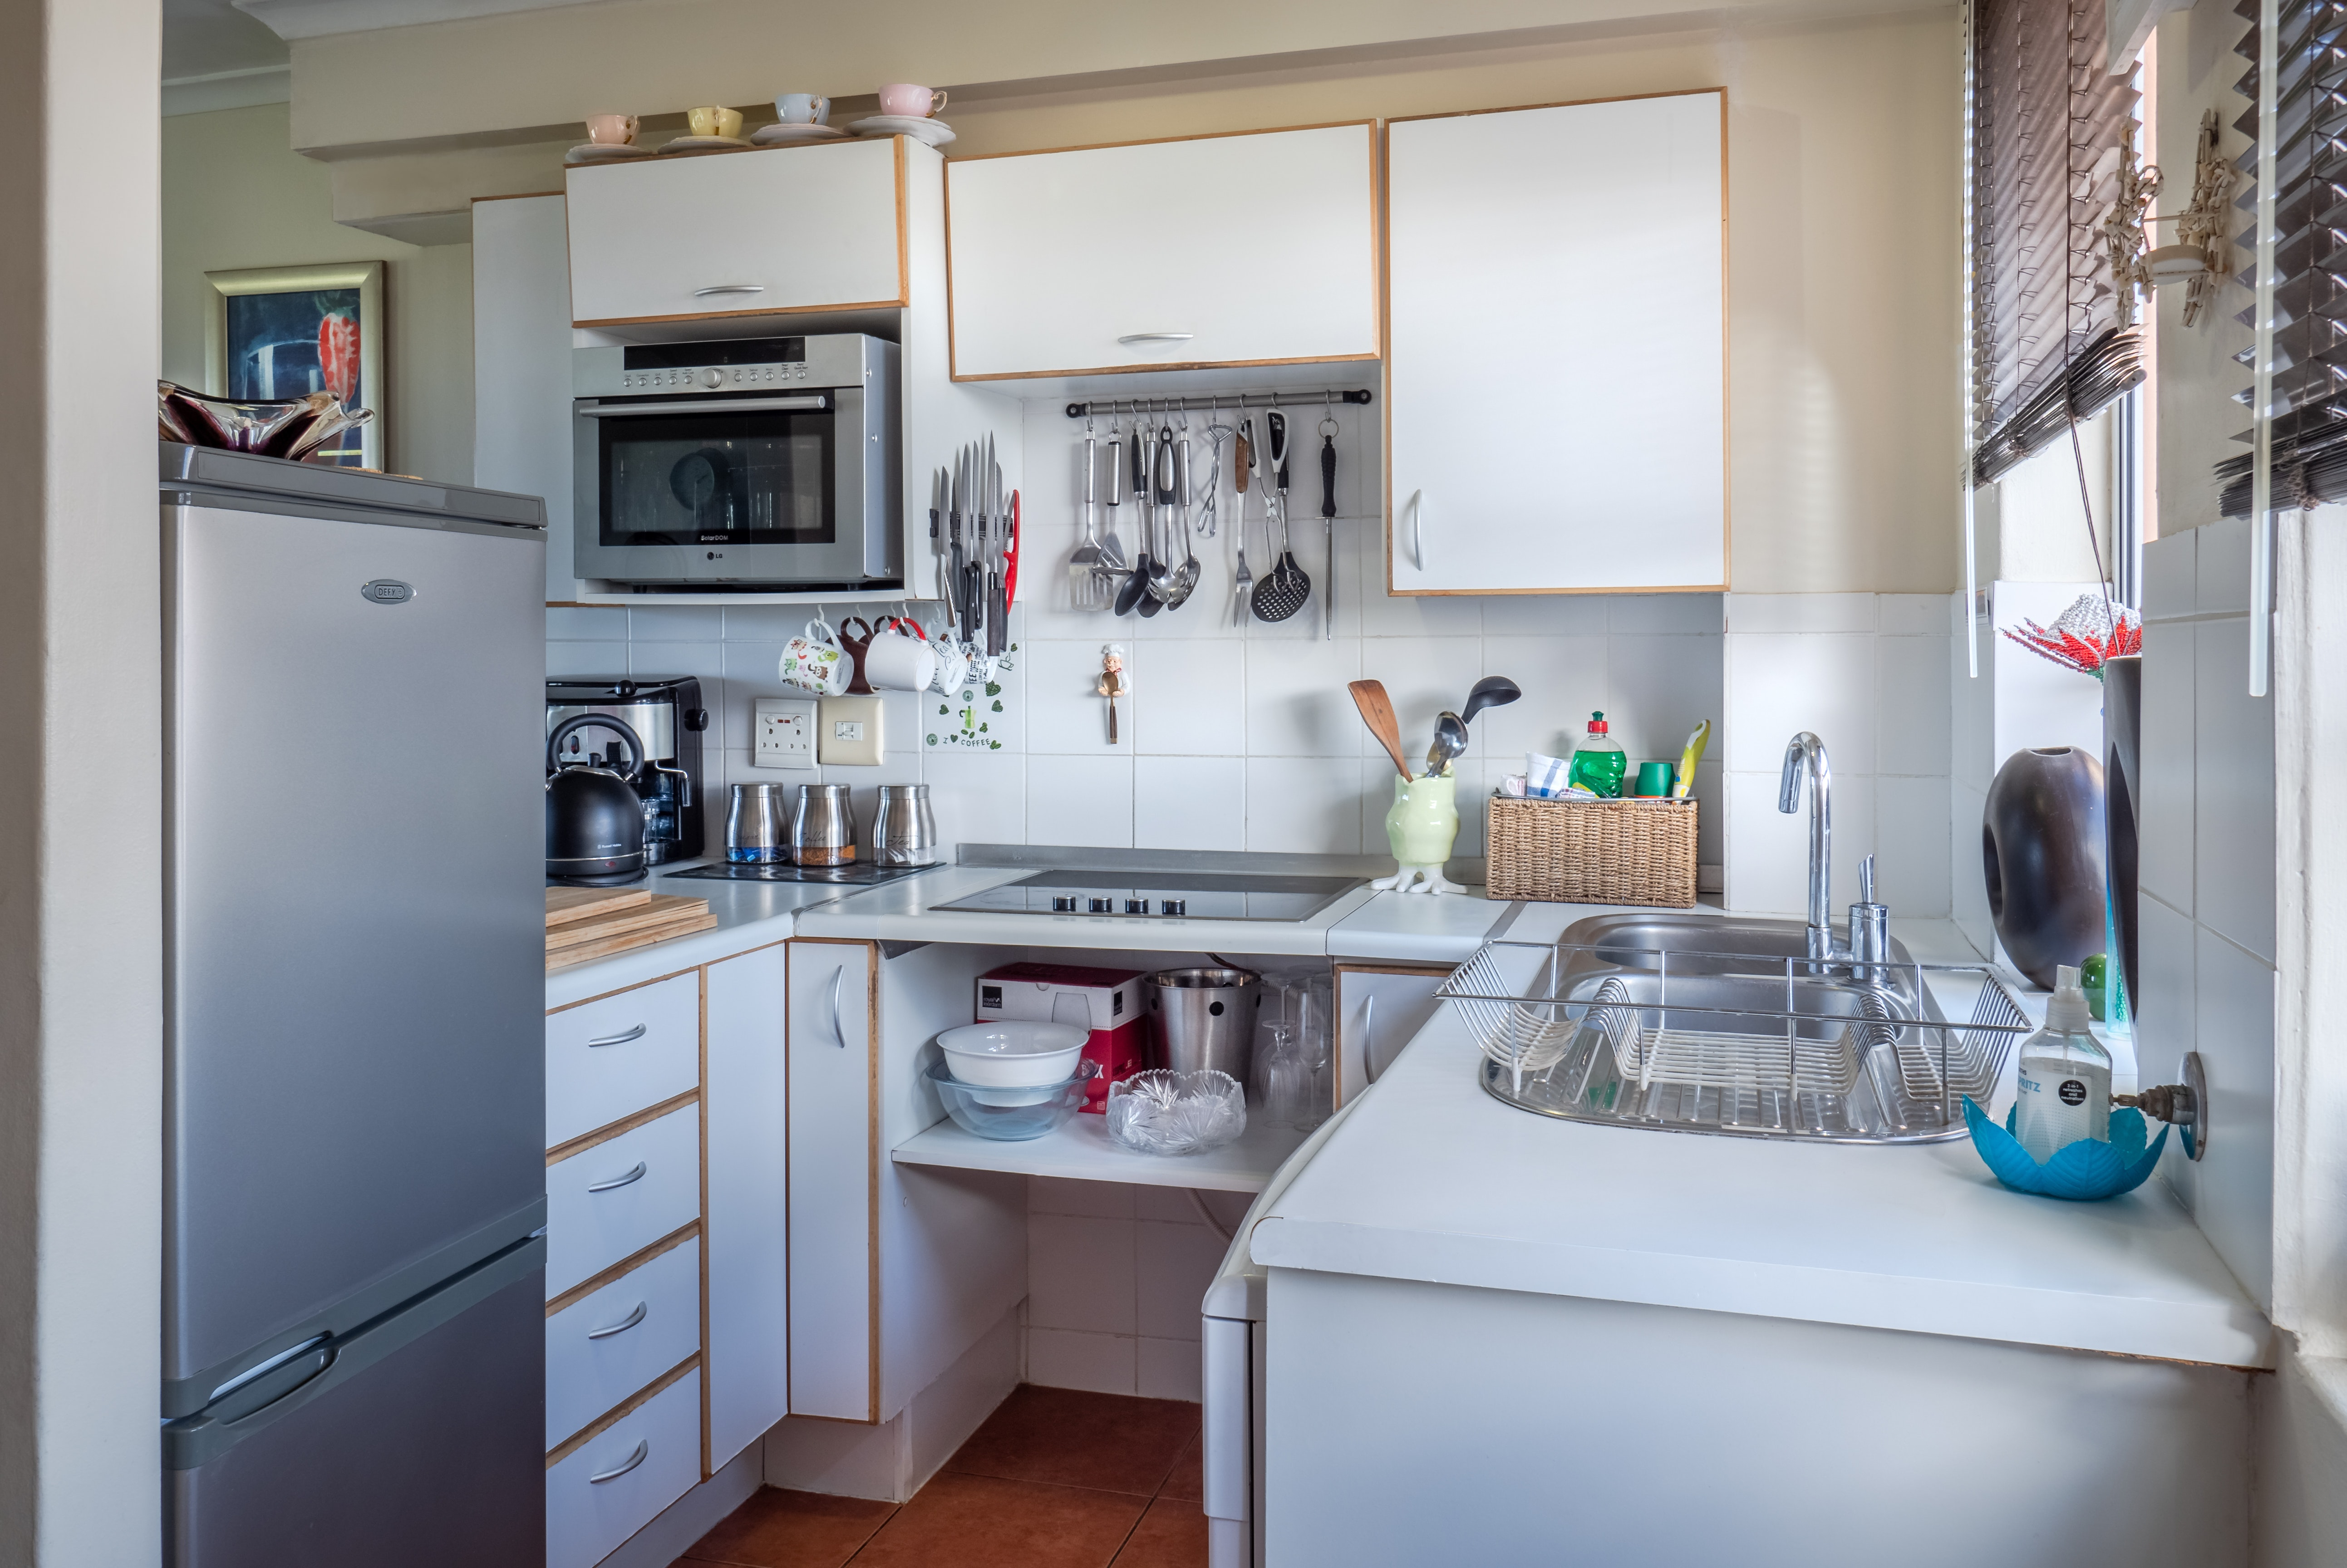 white-wooden-kitchen-cabinet-1599791